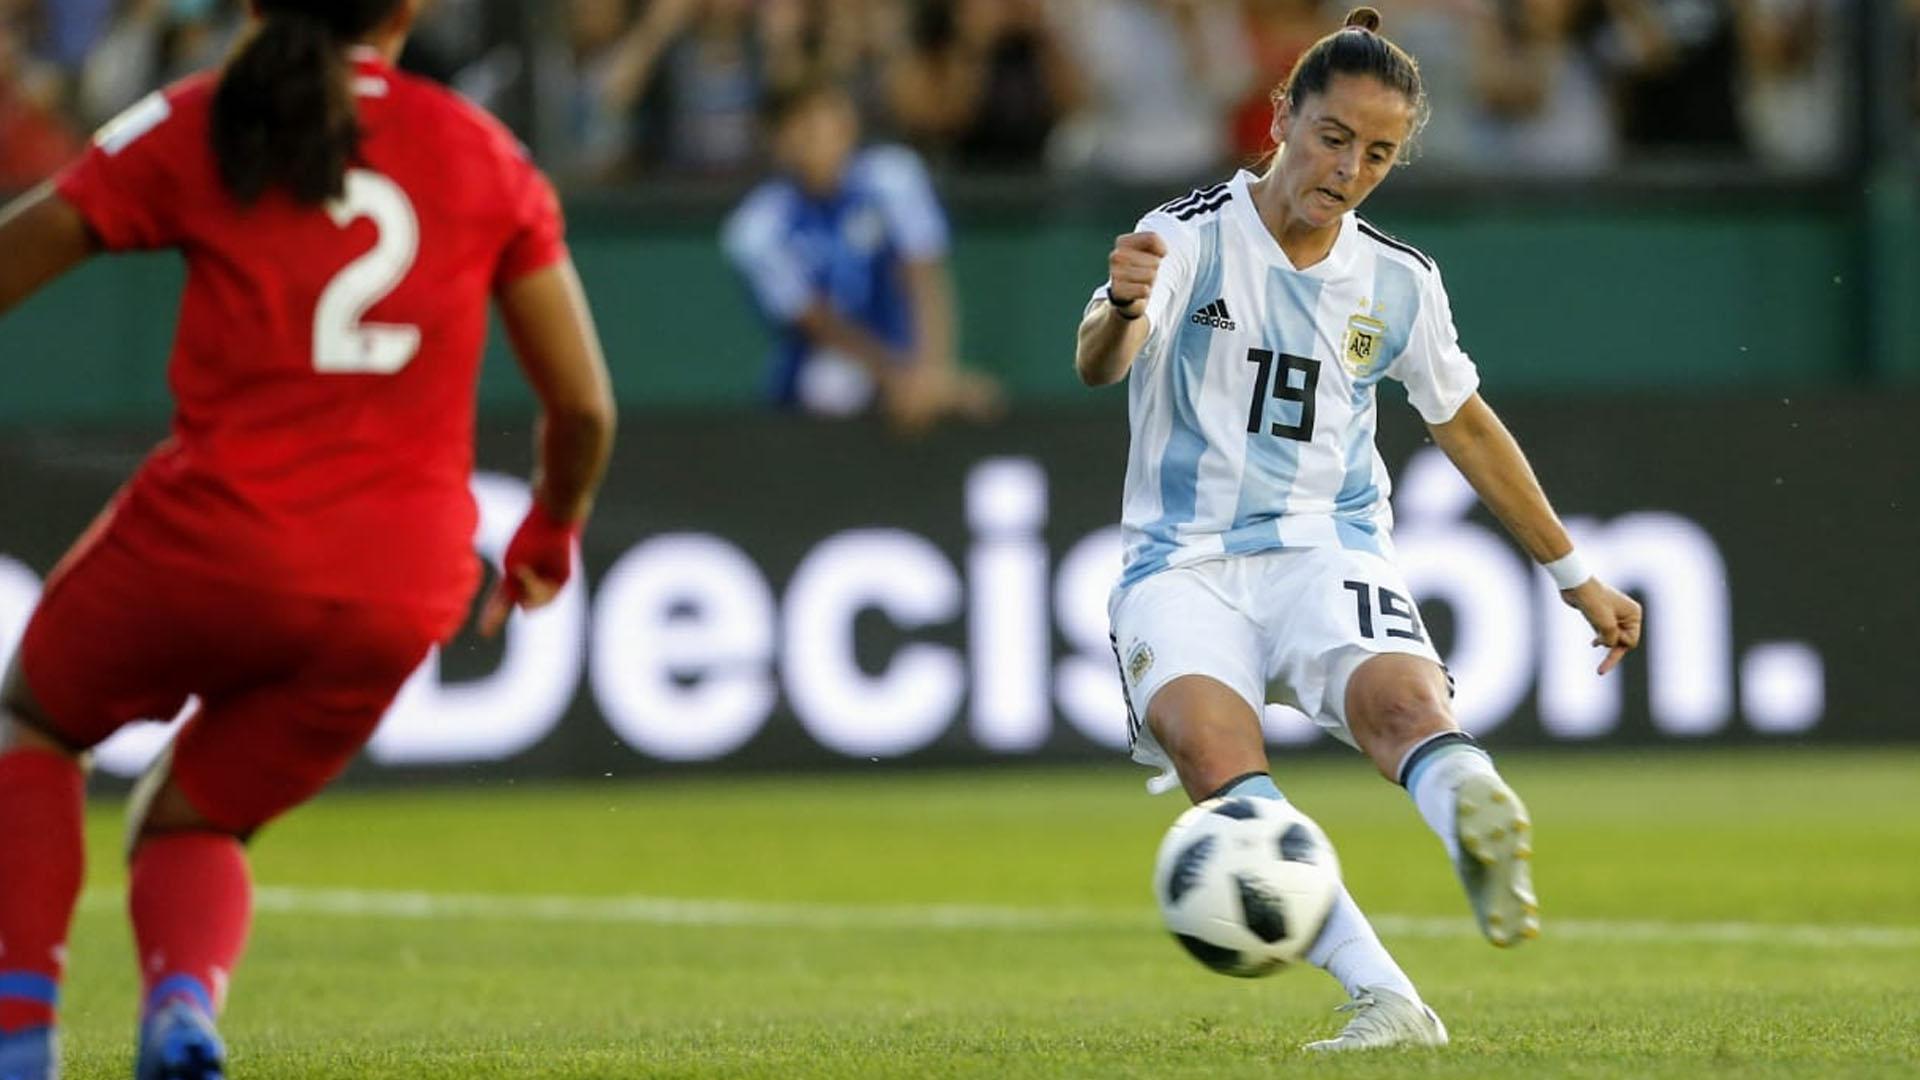 El Mundial de Francia se disputará el 7 de junio próximo. Argentina accedió a este repechaje gracias al tercer puesto logrado en la Copa América de Chile jugada en abril de este año, detrás de Brasil y el anfitrión (Nicolás Aboaf)